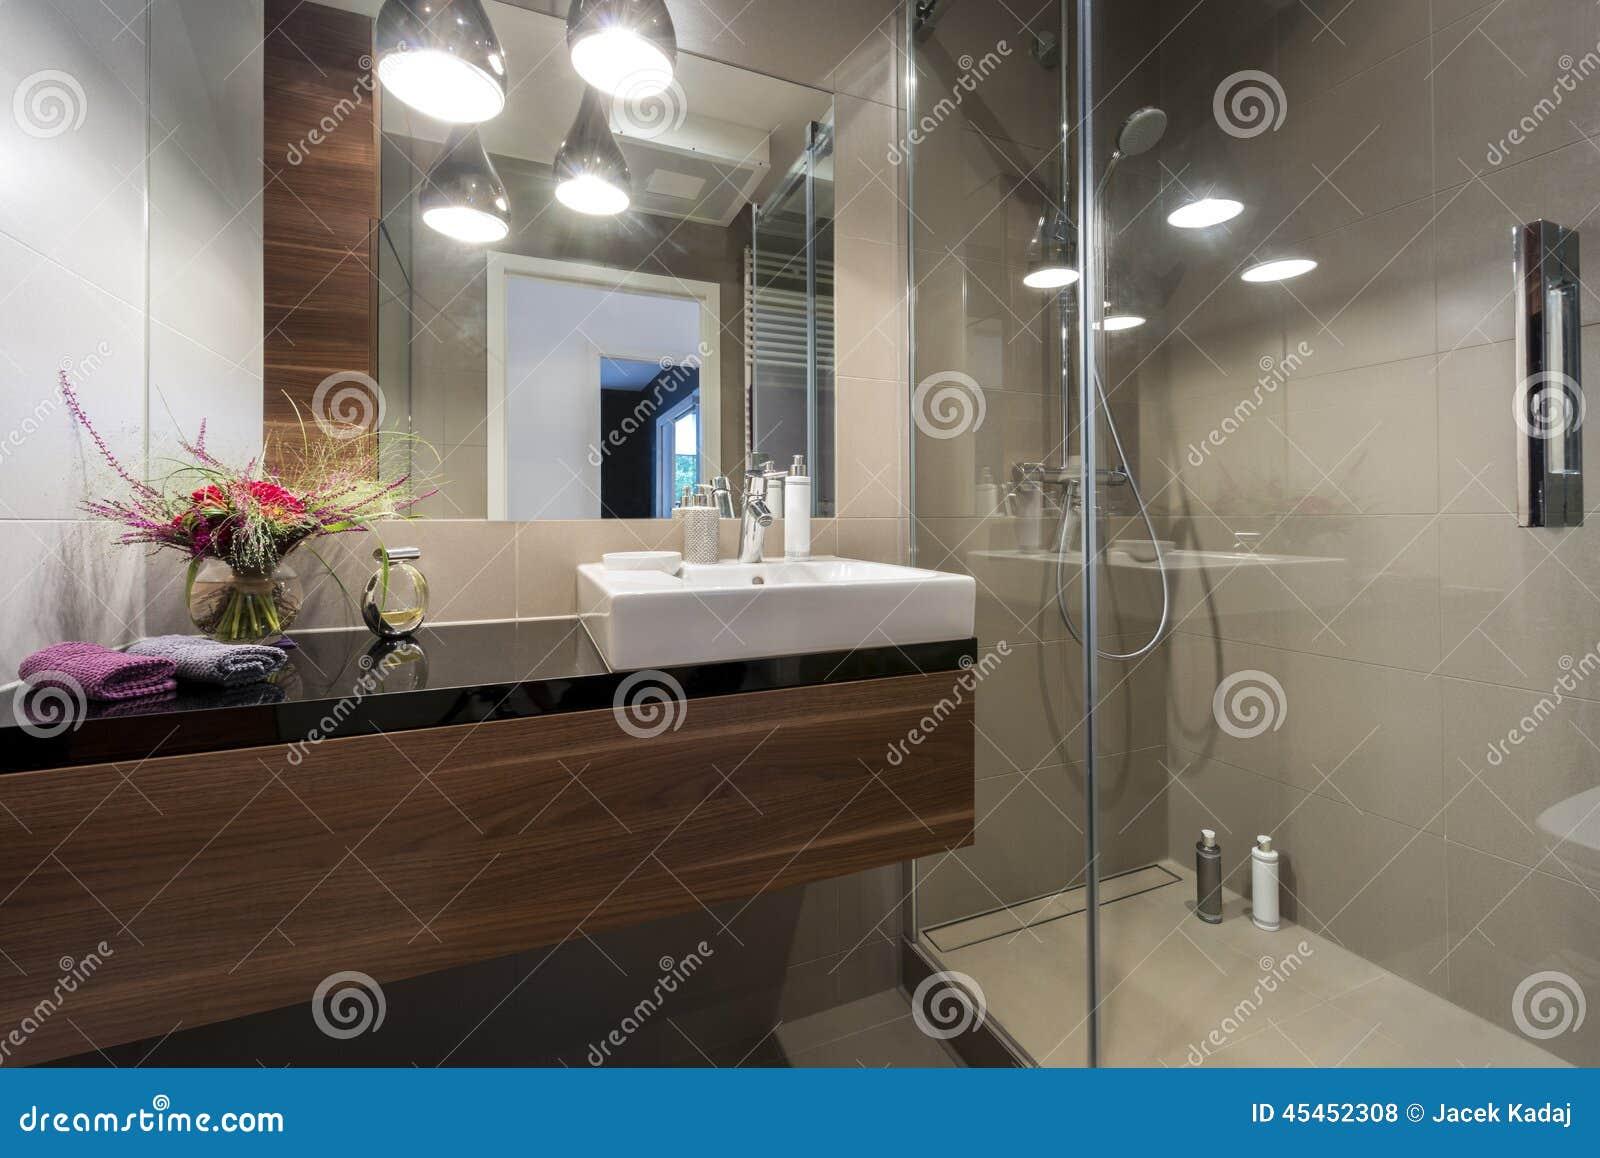 Cuartos De Baño Con Ducha Fotos:Luxury Modern Bathrooms with Showers